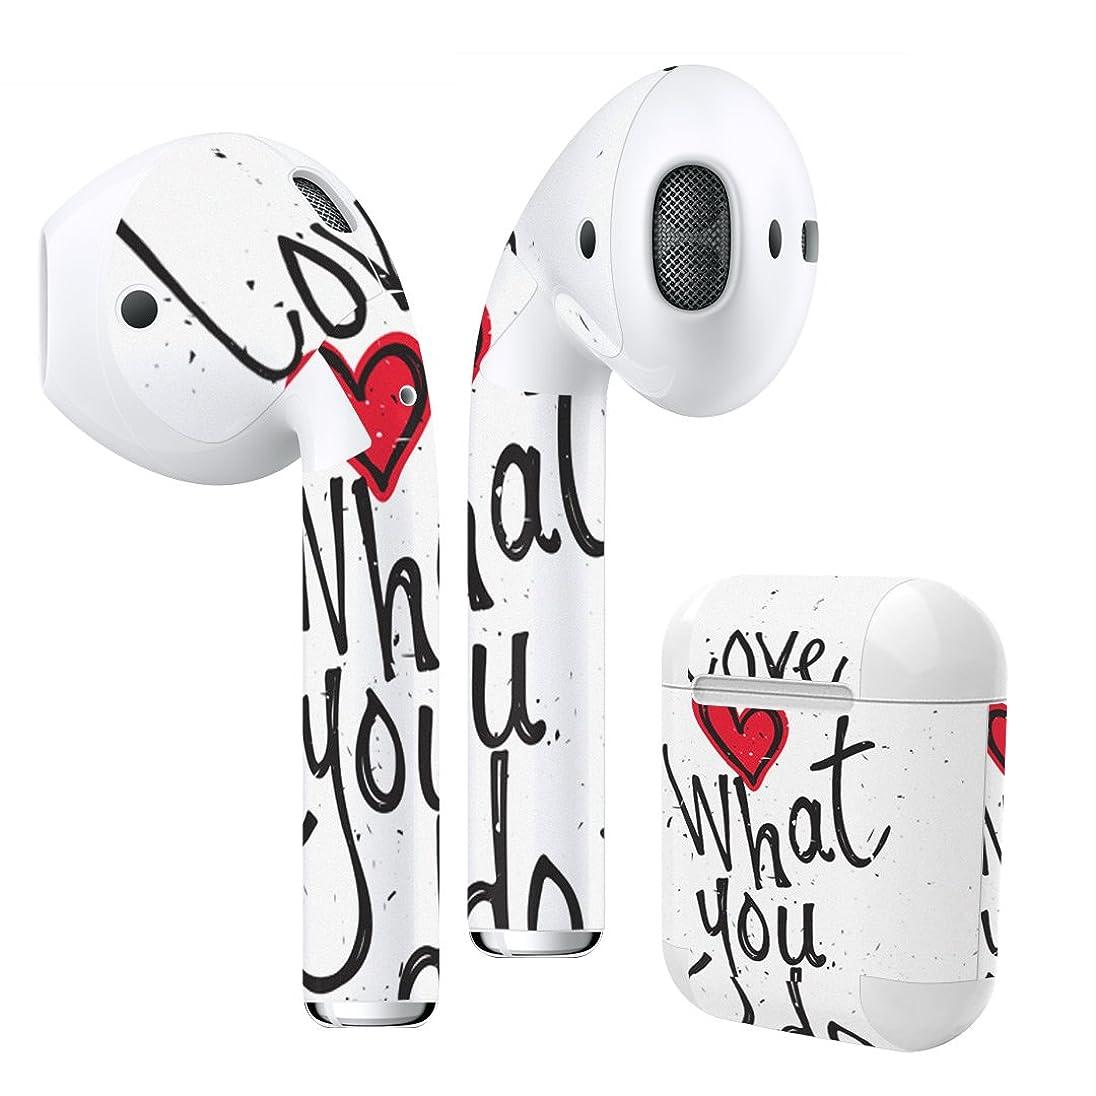 変更可能そんなにグリップigsticker Air Pods 専用 デザインスキンシール airpods エアポッド apple アップル AirPods 第一世代(2016)airpods2 第二世代(2019)対応 イヤホン カバー デコレーション アクセサリー デコシール 008634 ユニーク 英語 文字 ハート